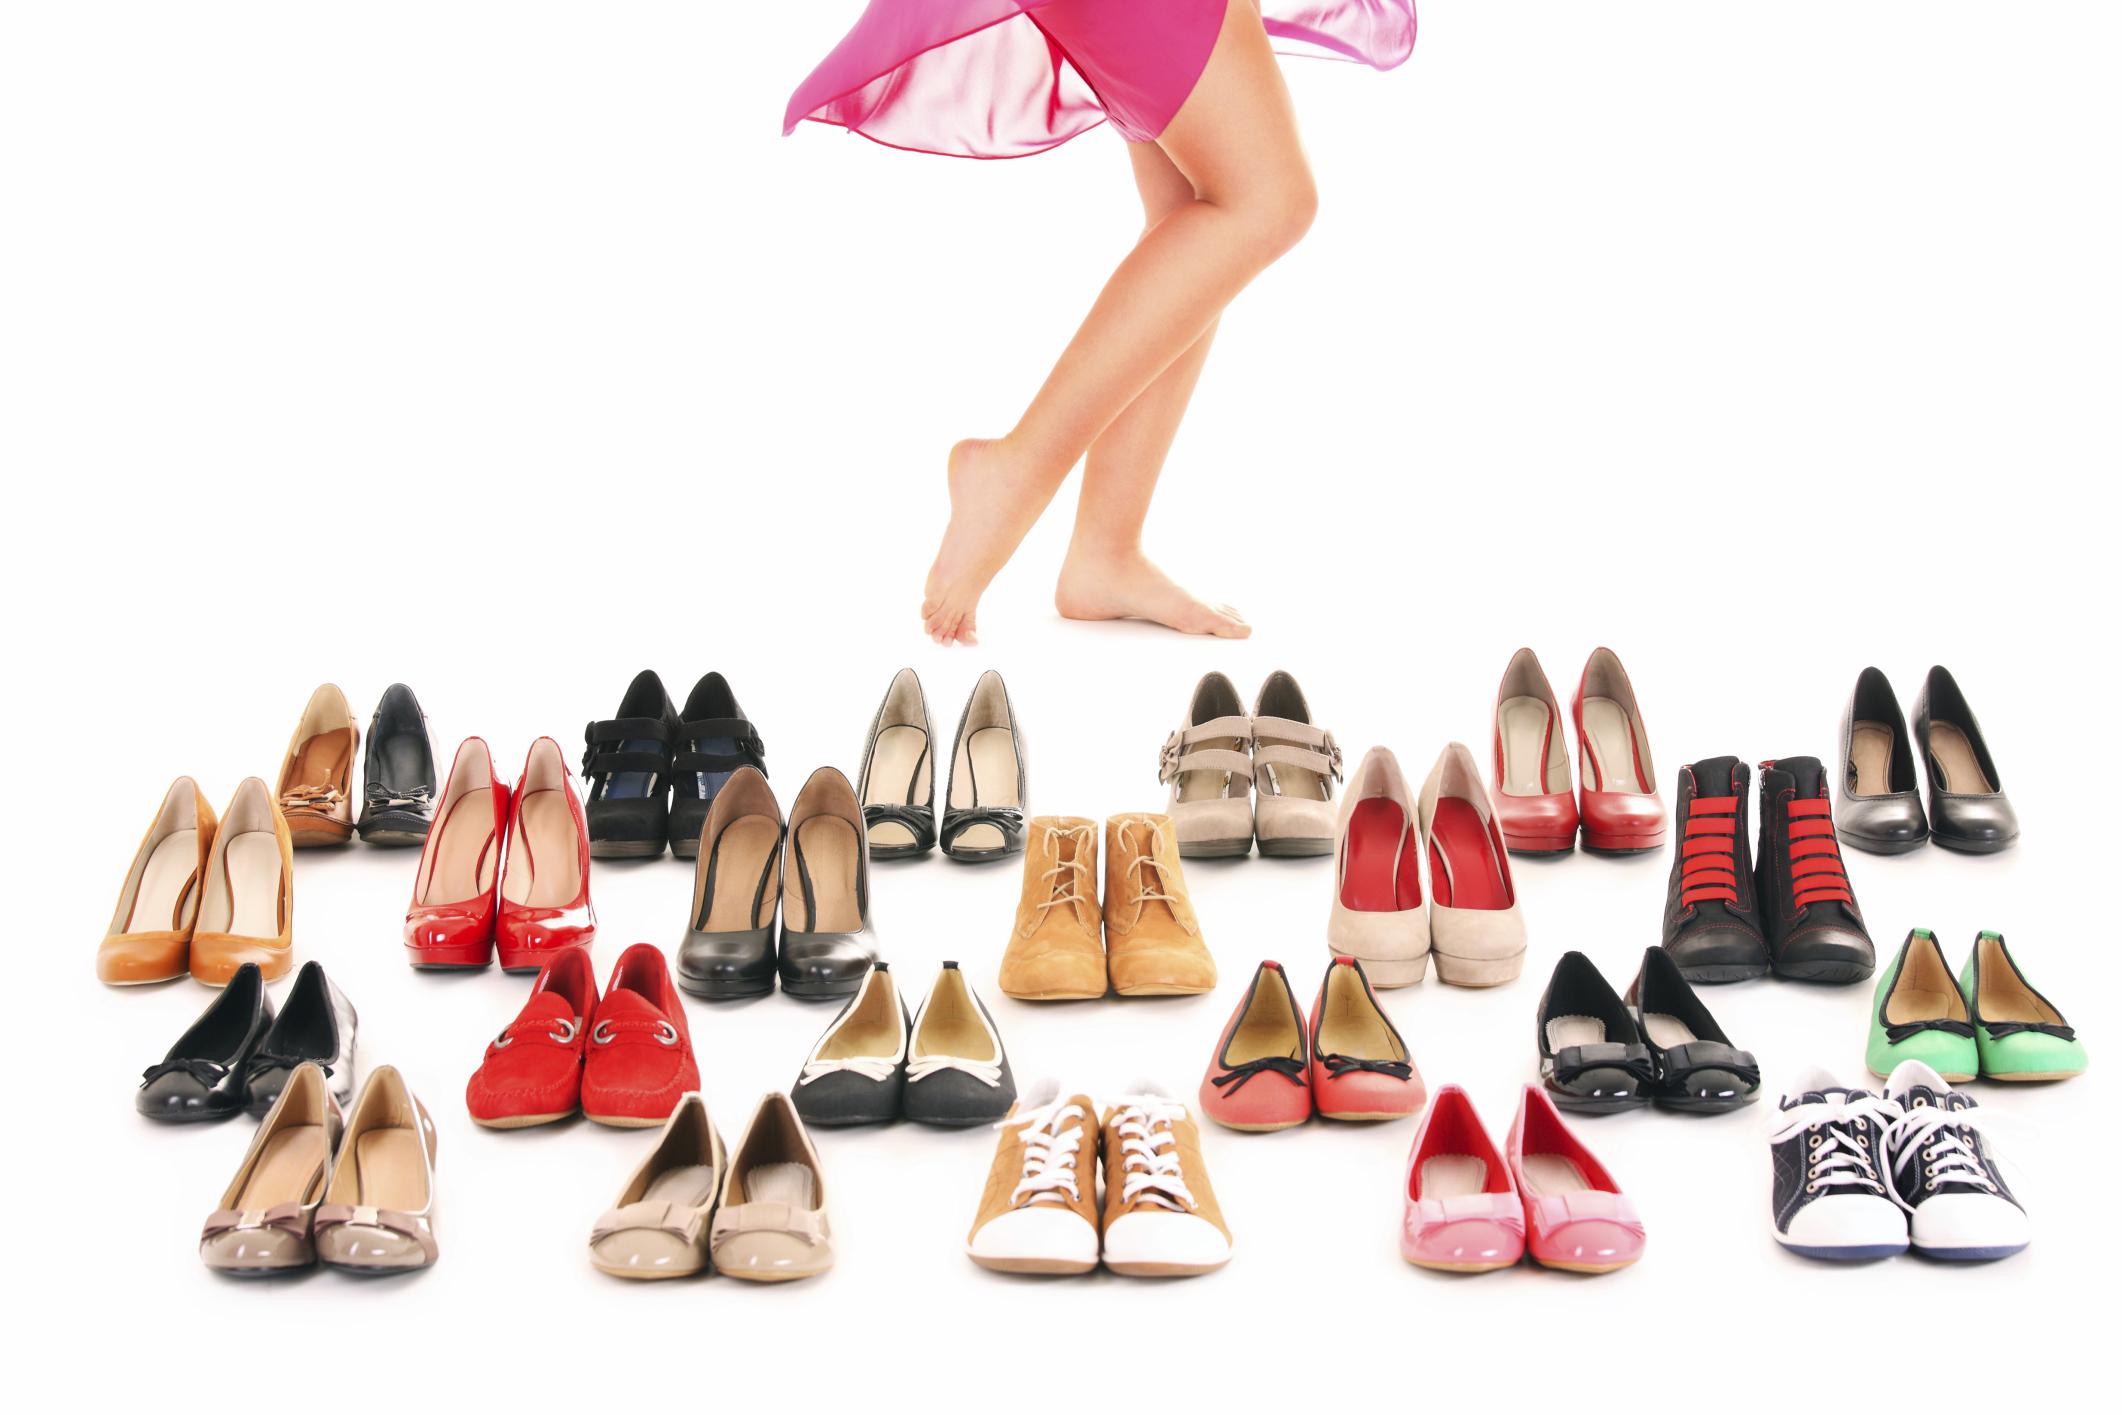 Размер обуви на Алиэкспресс (как выбрать размер, таблица размеров на Aliexpress)